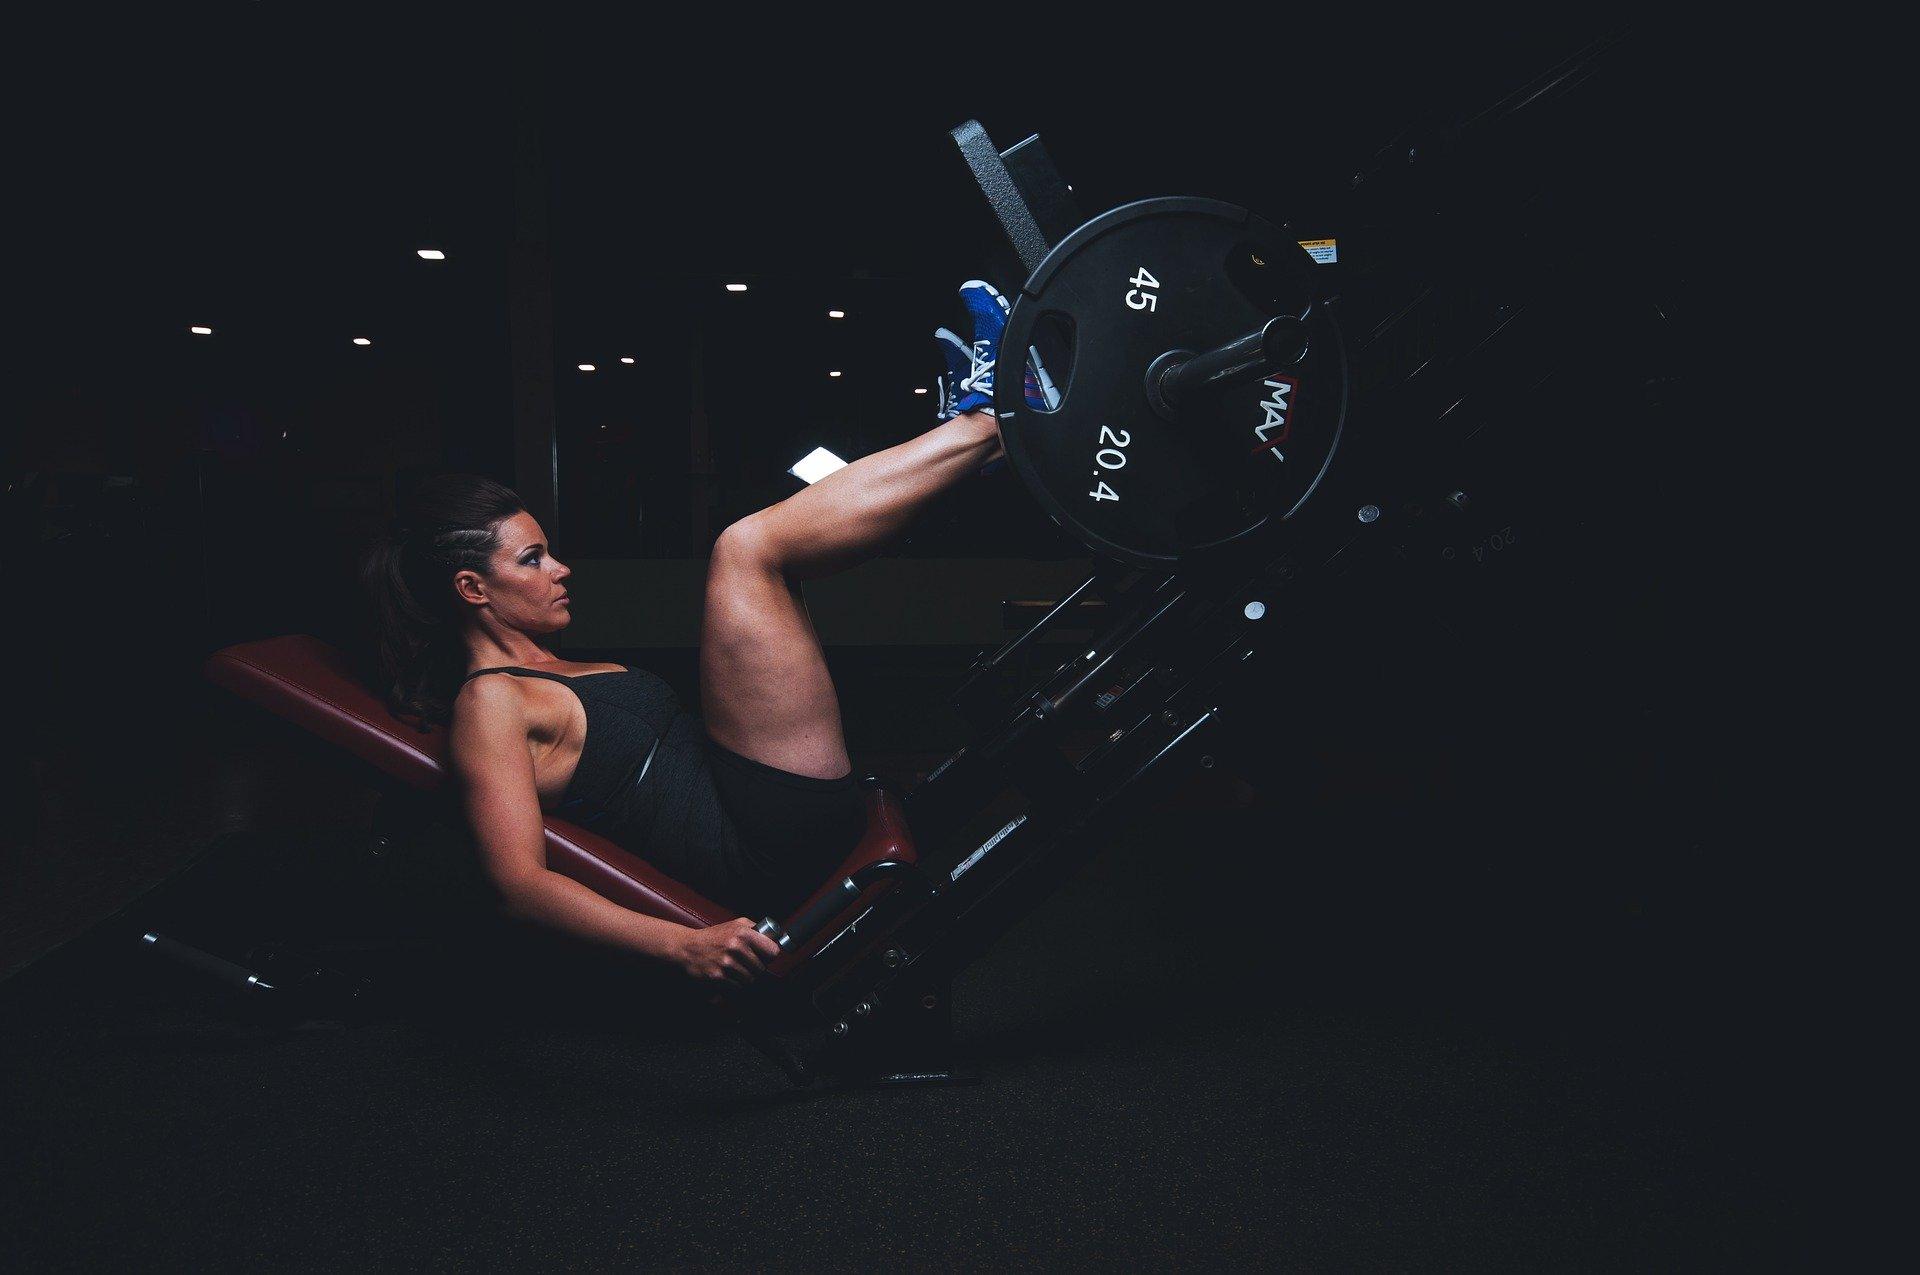 Svårigheter stärker sinnet, liksom arbetet gör med kroppen